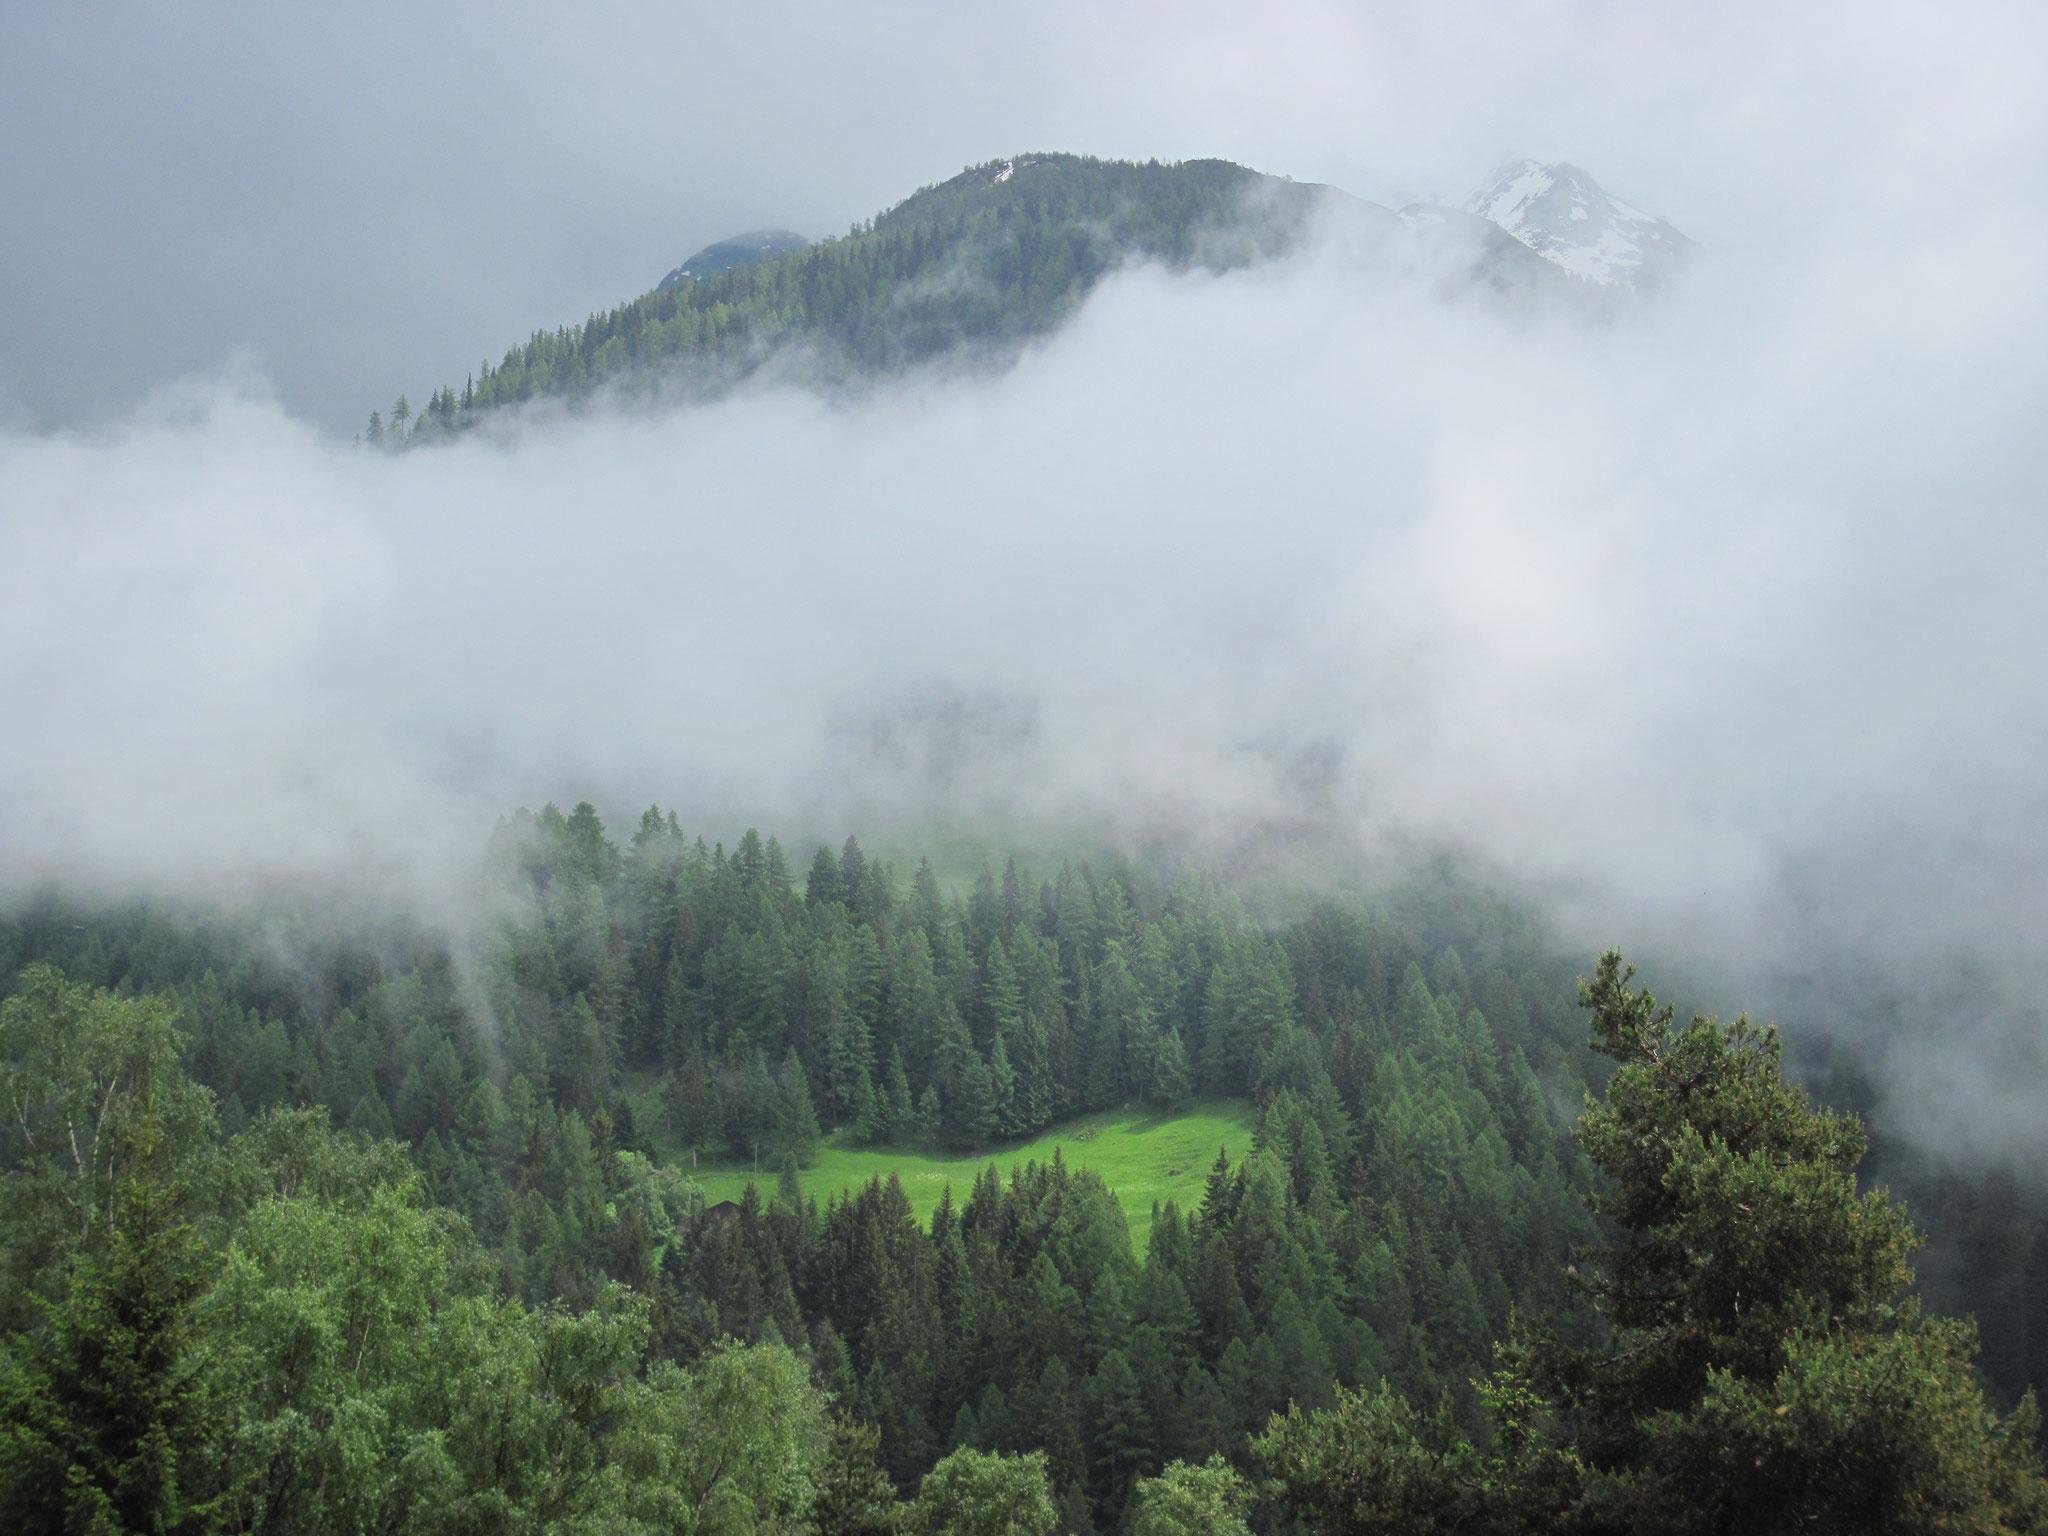 Die Region Ganter im Nebel und Regen...doch auch da gibt es viel Schönes zu bestaunen...